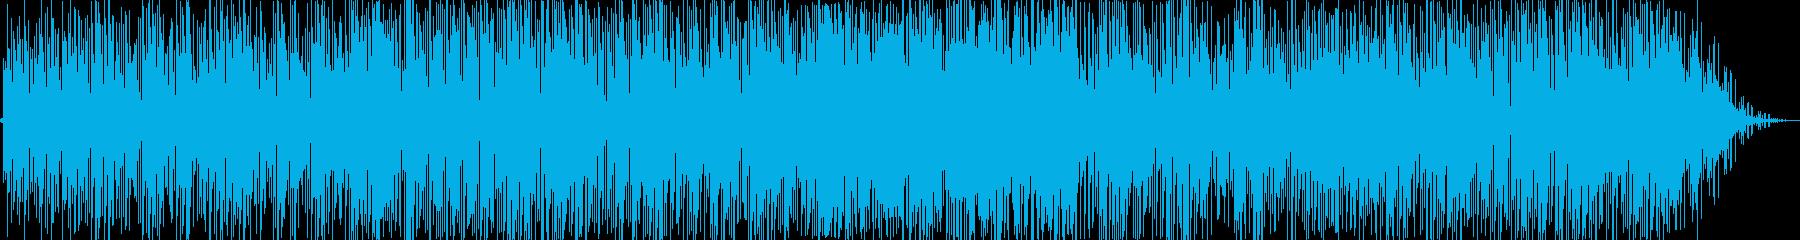 スローテンポなギターポップスの再生済みの波形